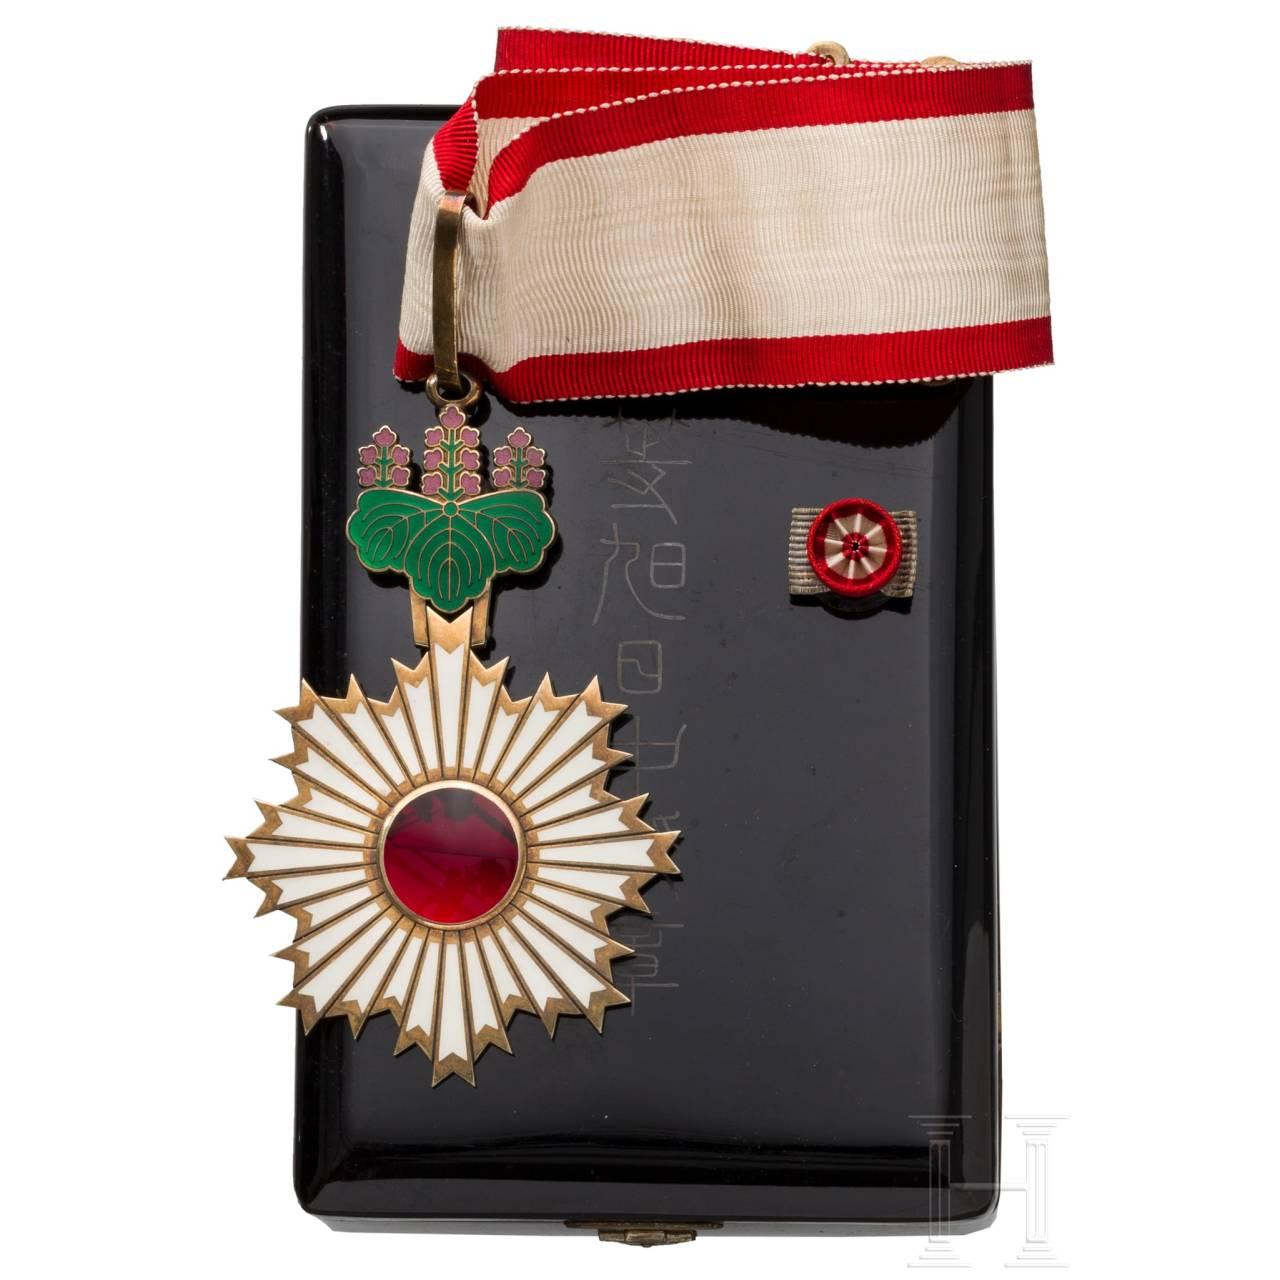 Japanischer Orden der Aufgehenden Sonne (Kyokujitsu-sho) - Dekoration der 3. Klasse